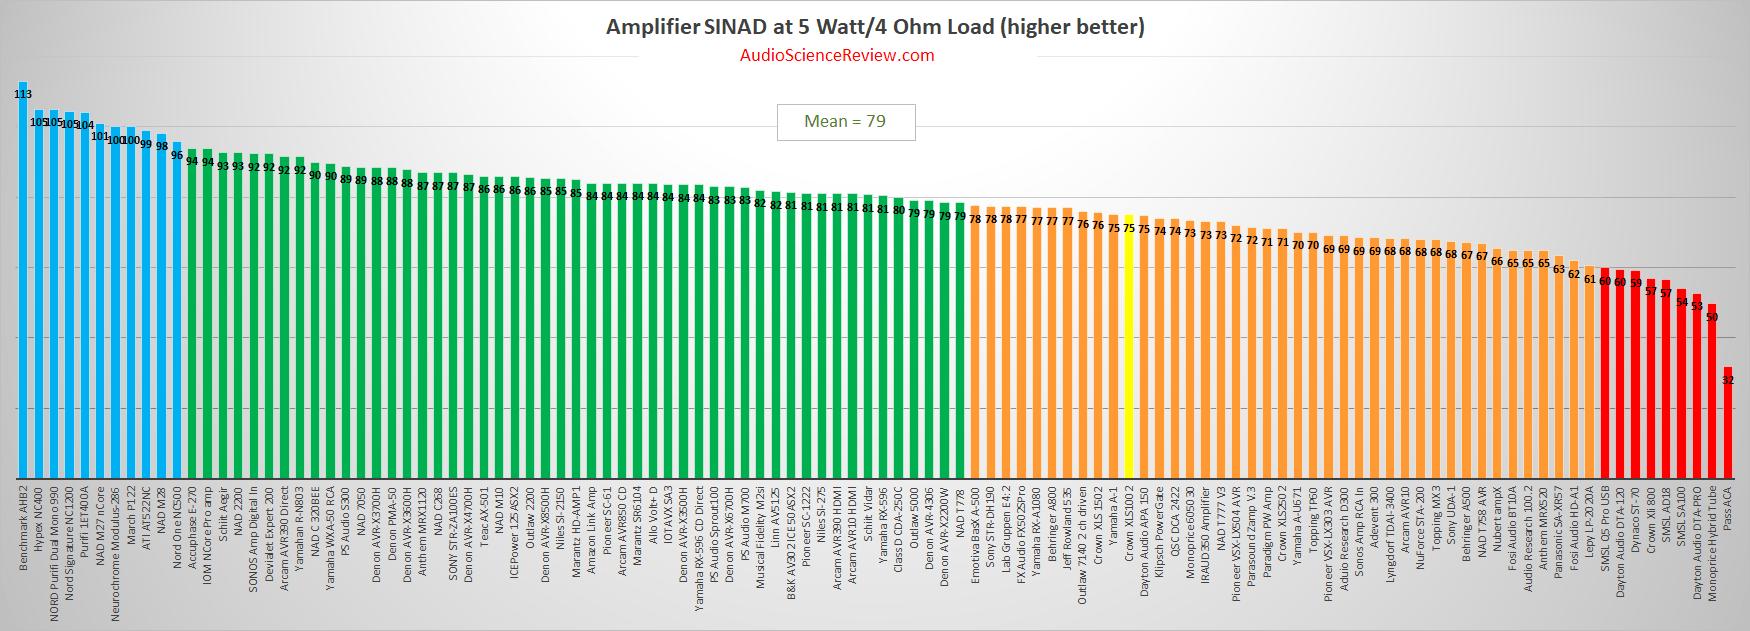 best pro amplifier review measurements 2020.png